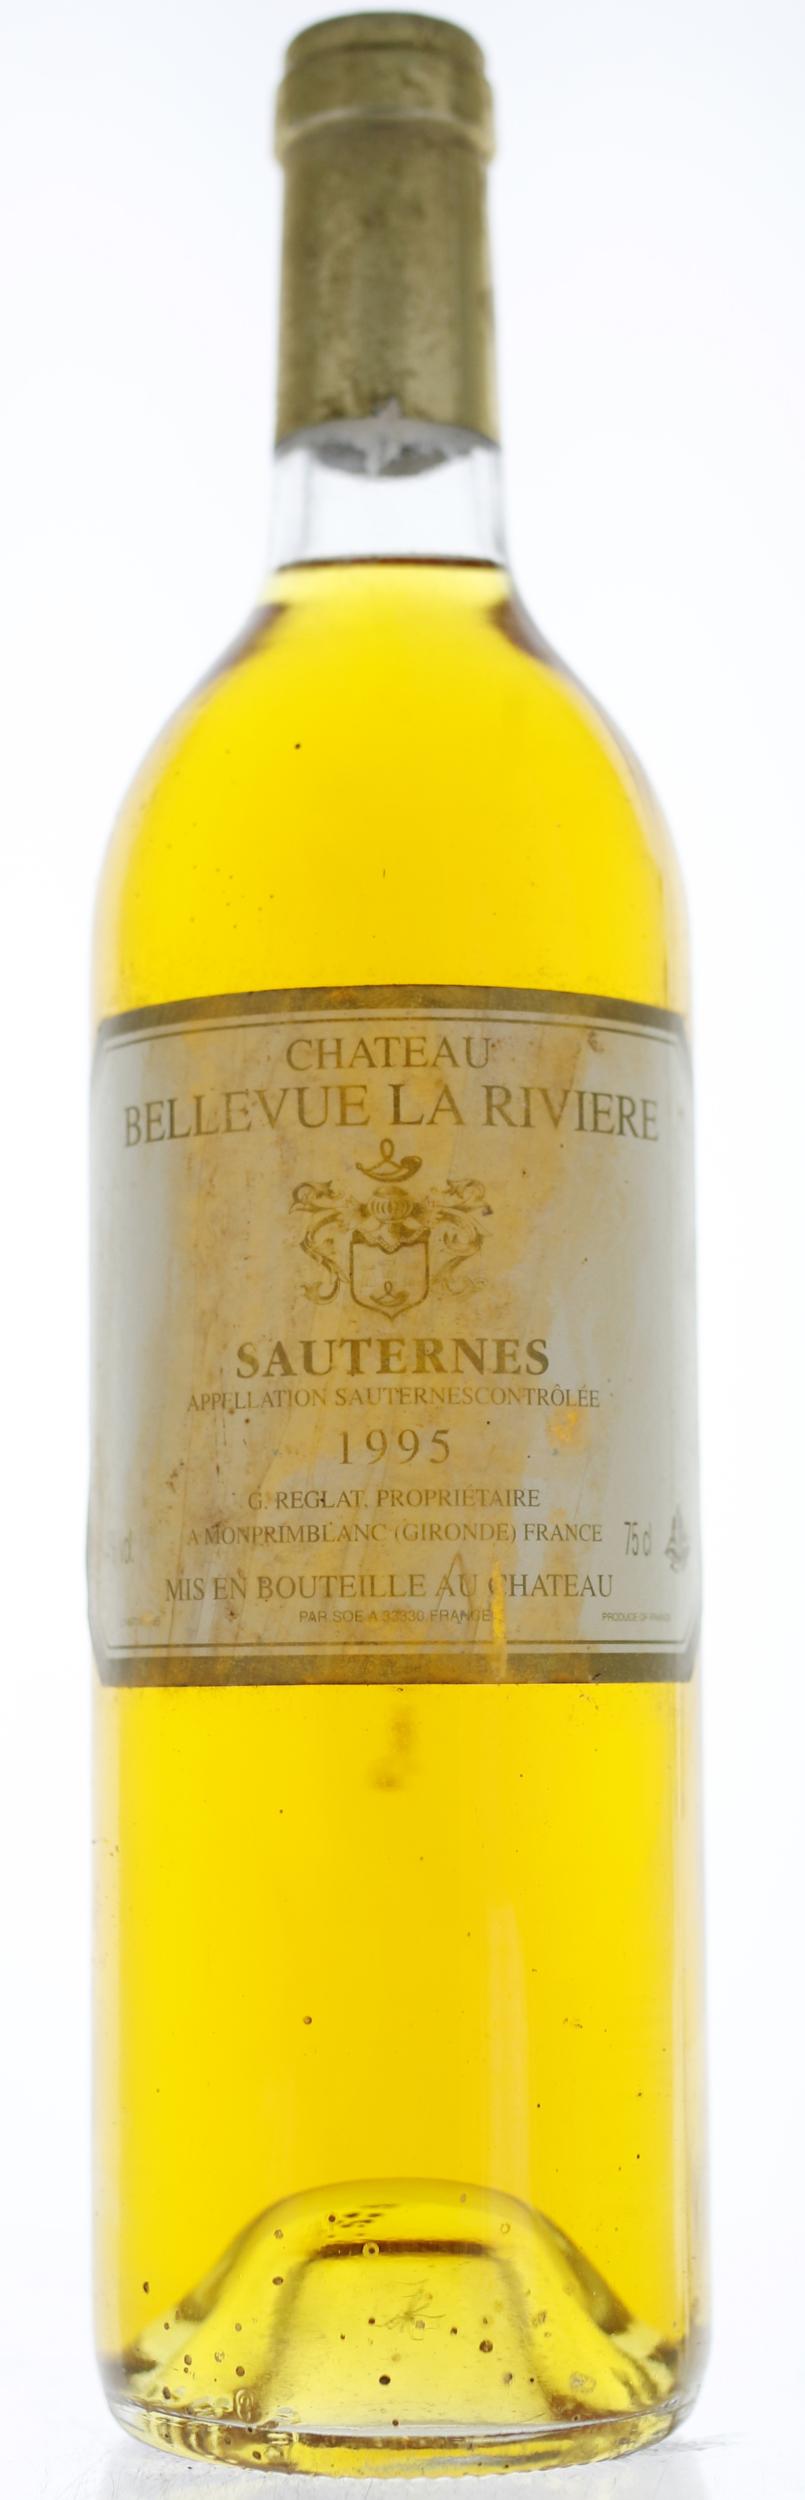 Sauternes - Château Bellevue la Riviere - 1995